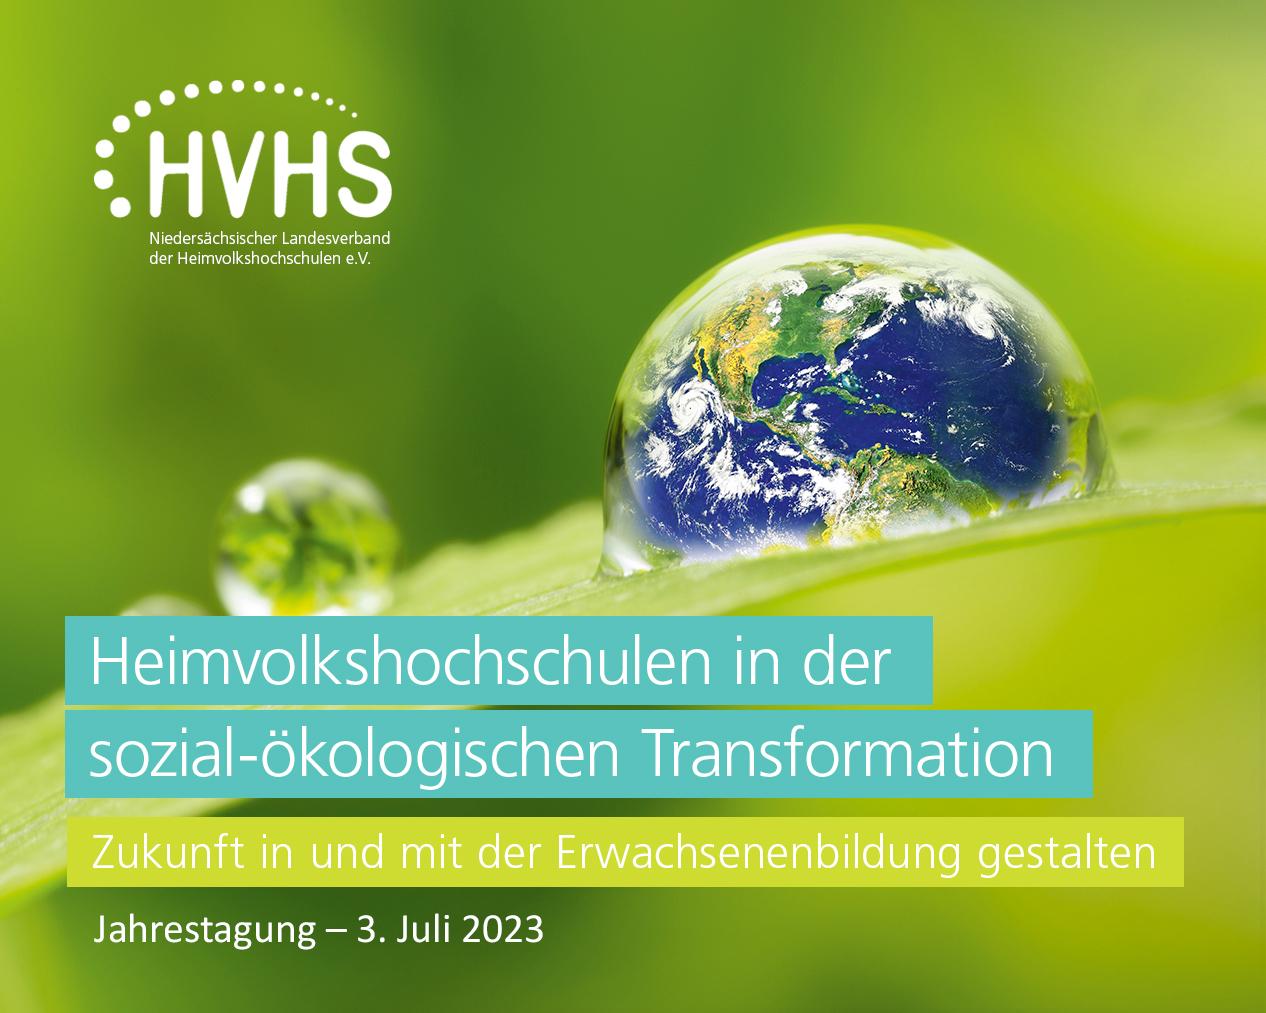 HVHS Bildungsurlaub 2021 Niedersachsen